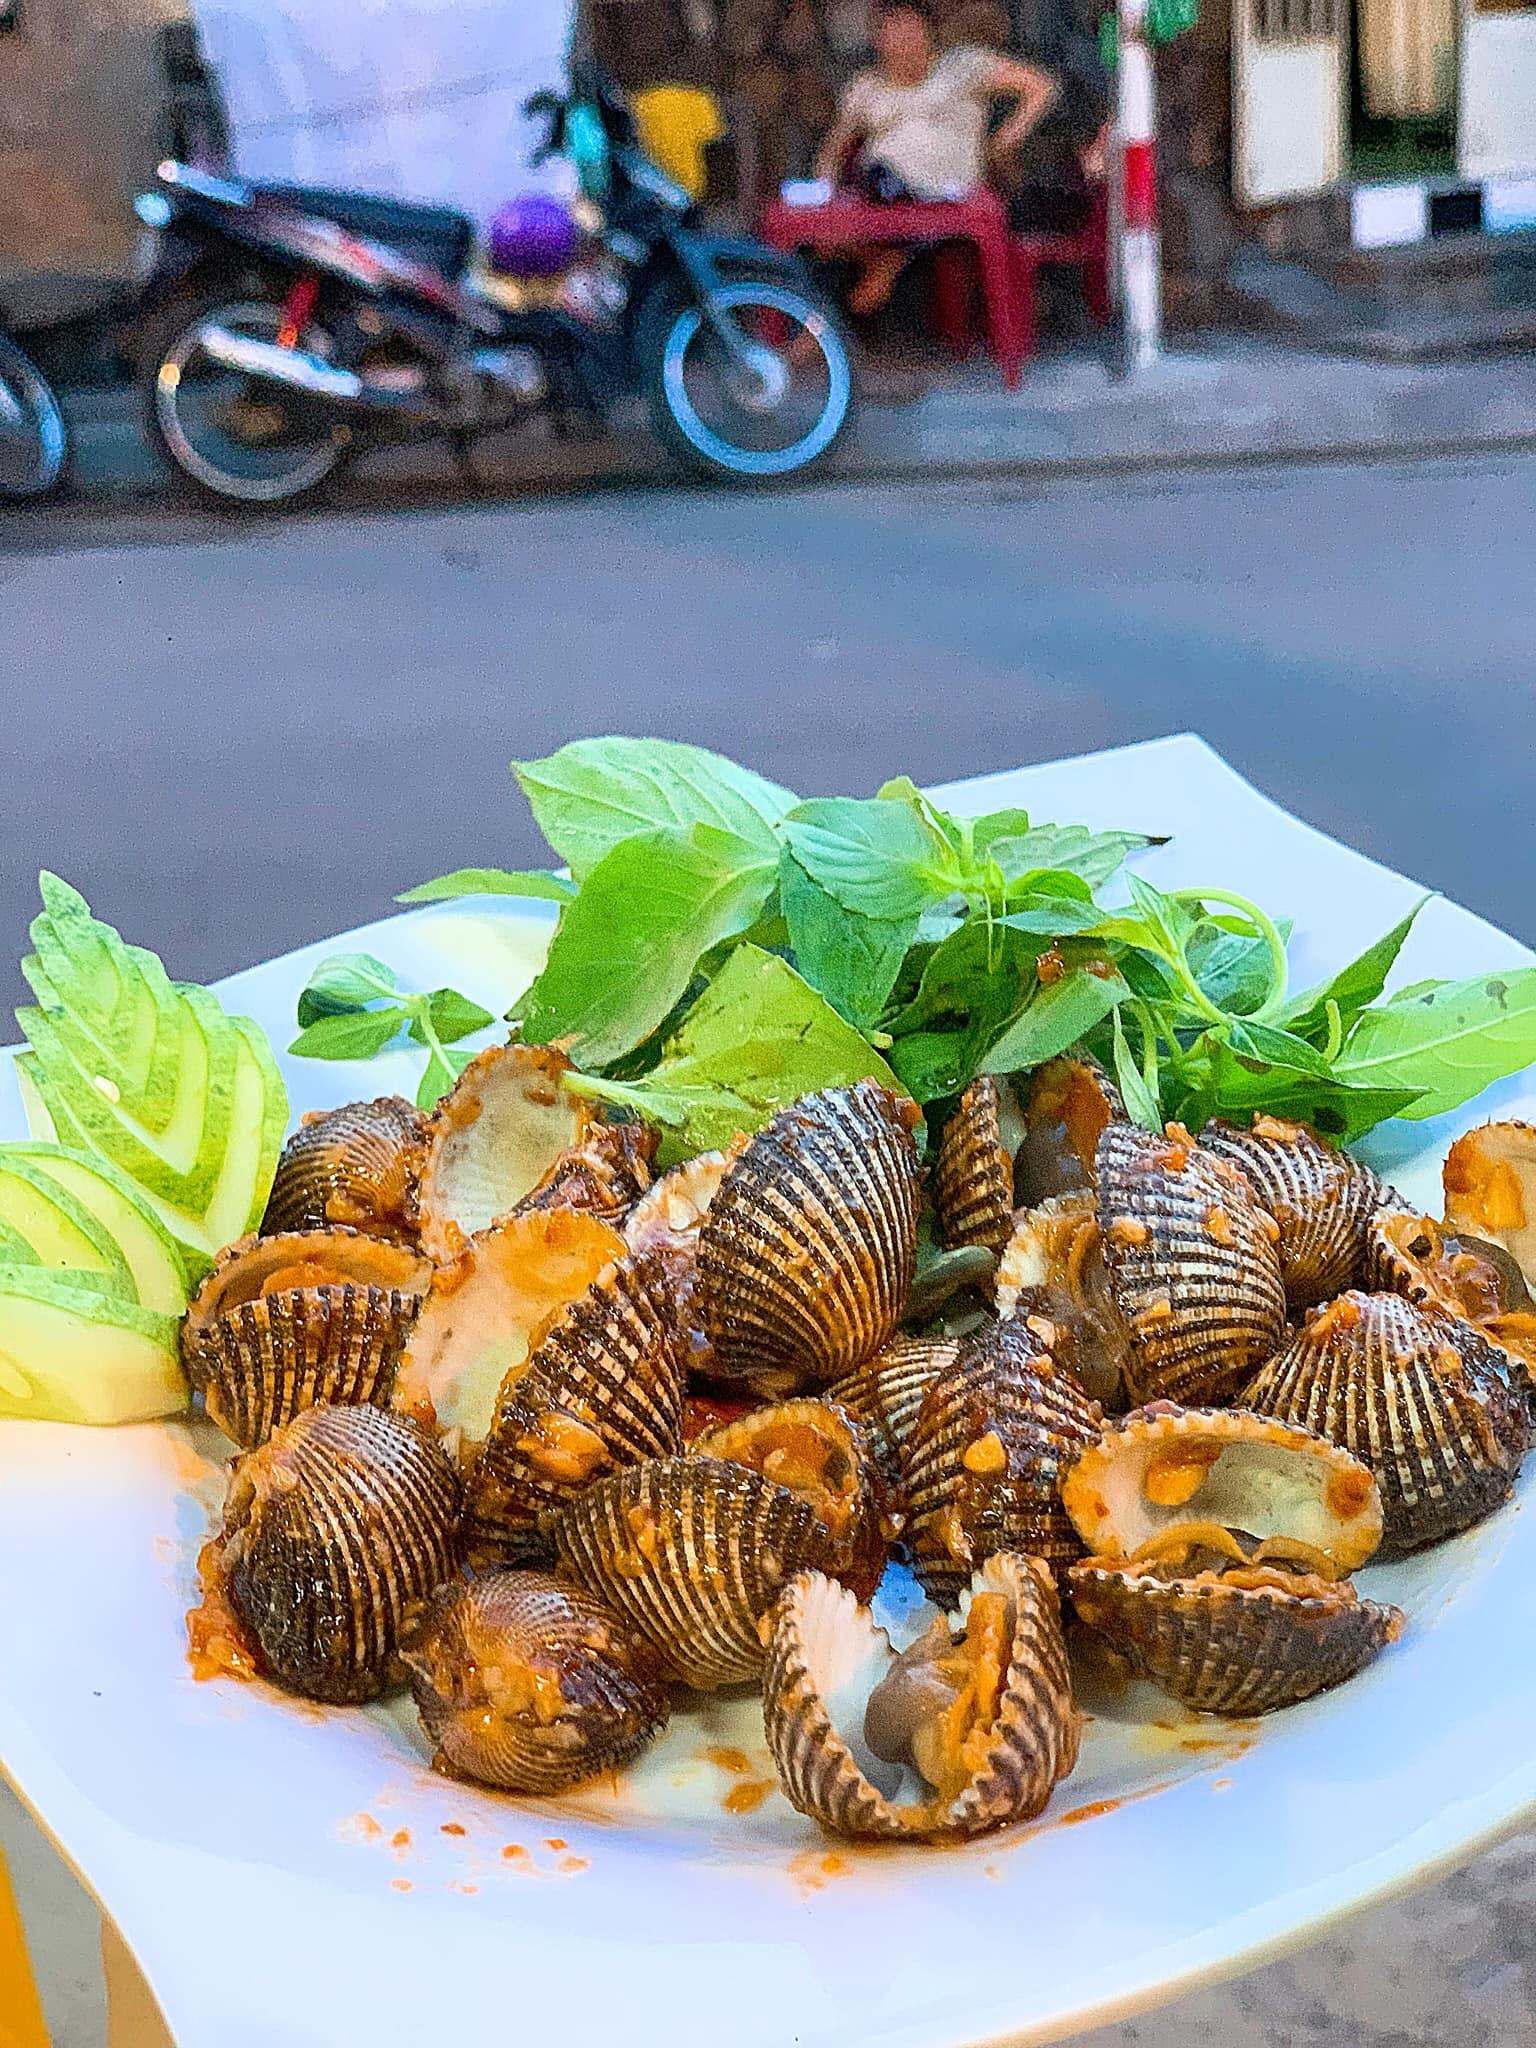 Tour du lịch từ Hải Phòng đi Nha Trang: Ưu đãi bất tận trong mùa hè này - Ảnh 15.